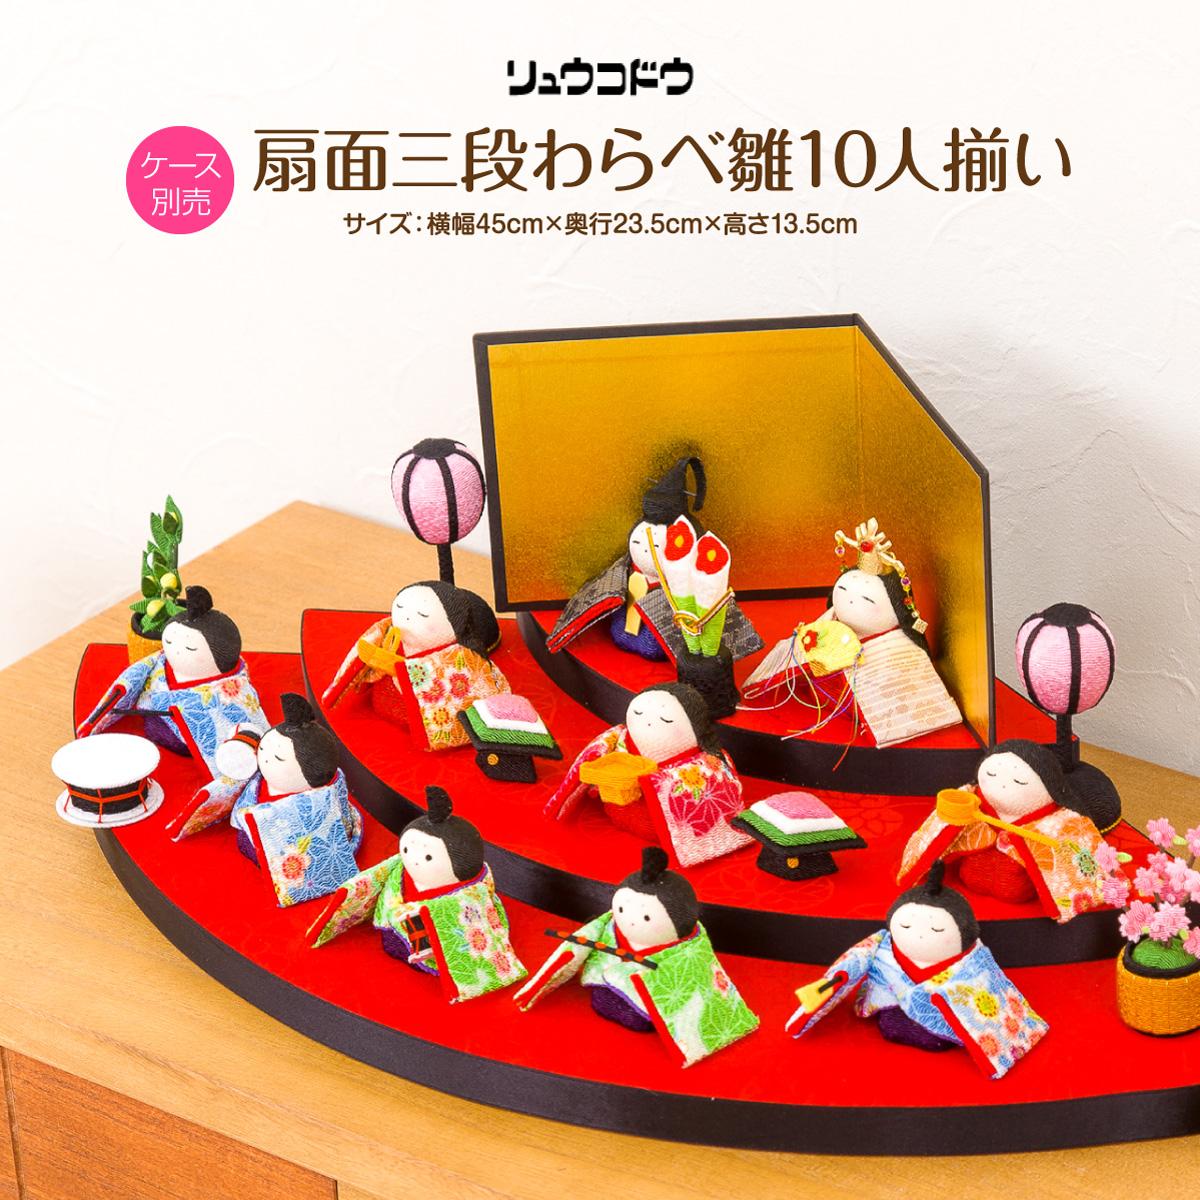 雛人形 コンパクト おひなさま リュウコドウ 縮緬ひな人形 扇面三段わらべ雛10人揃い かわいい 小さい ミニ